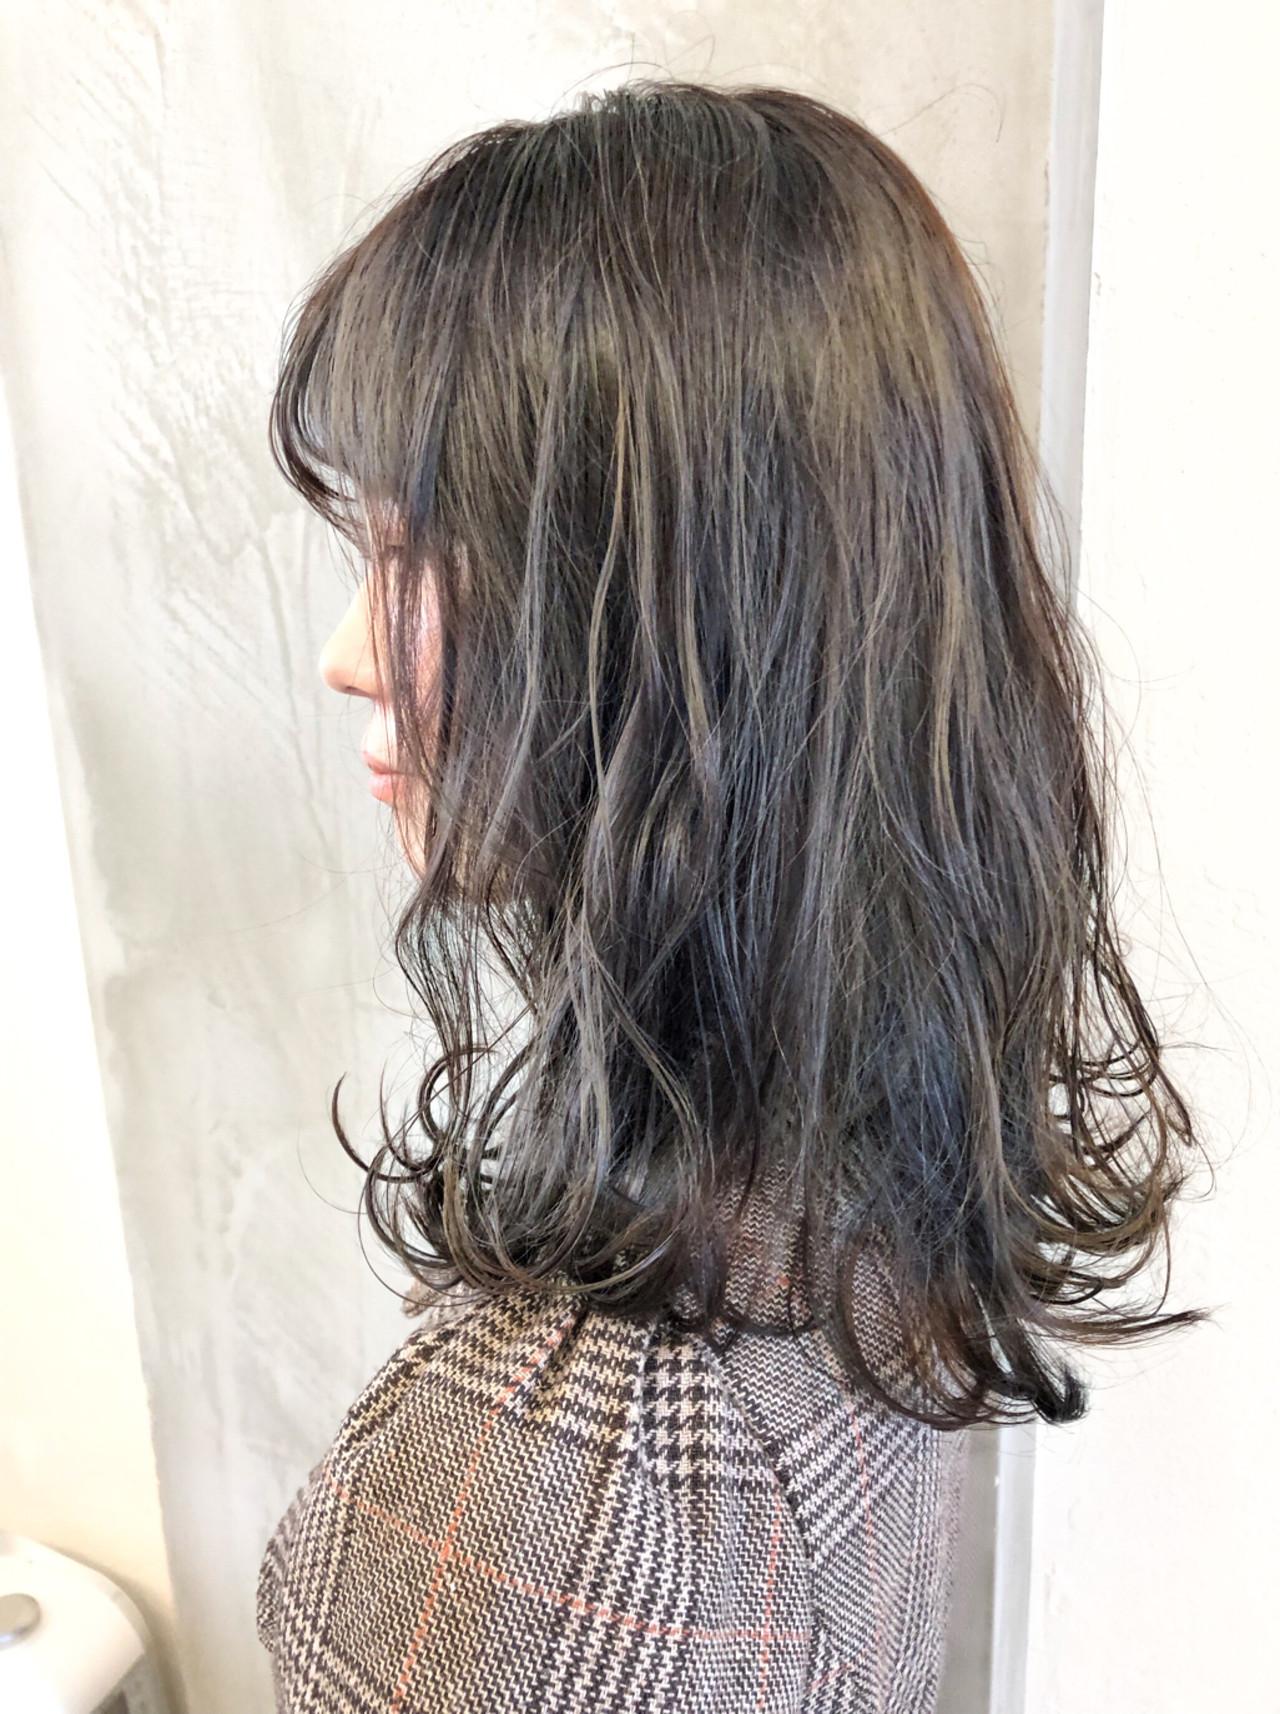 大人可愛いが簡単に出来ちゃうミディアムヘアのグレーアッシュ 須貝 大空Anna Lanna 表参道